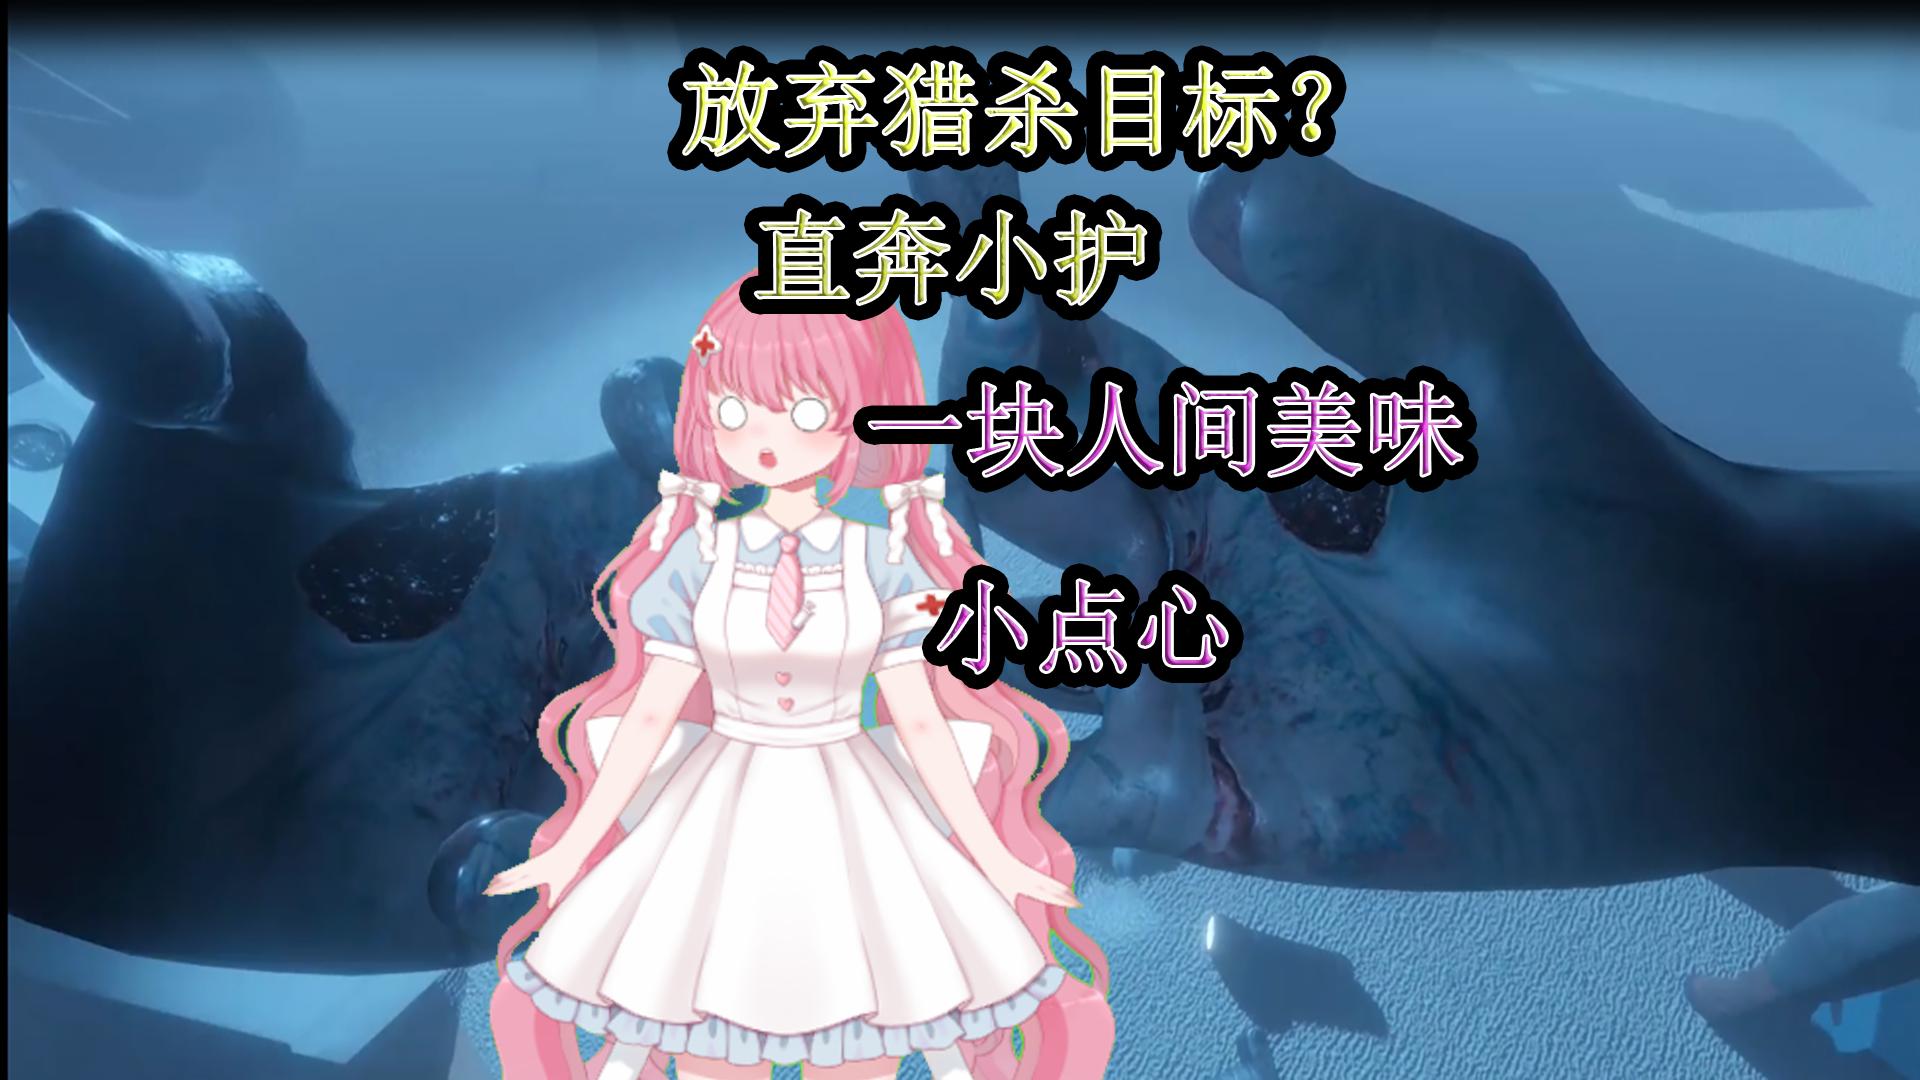 女妖为何放弃目标直奔小护【恐鬼症】